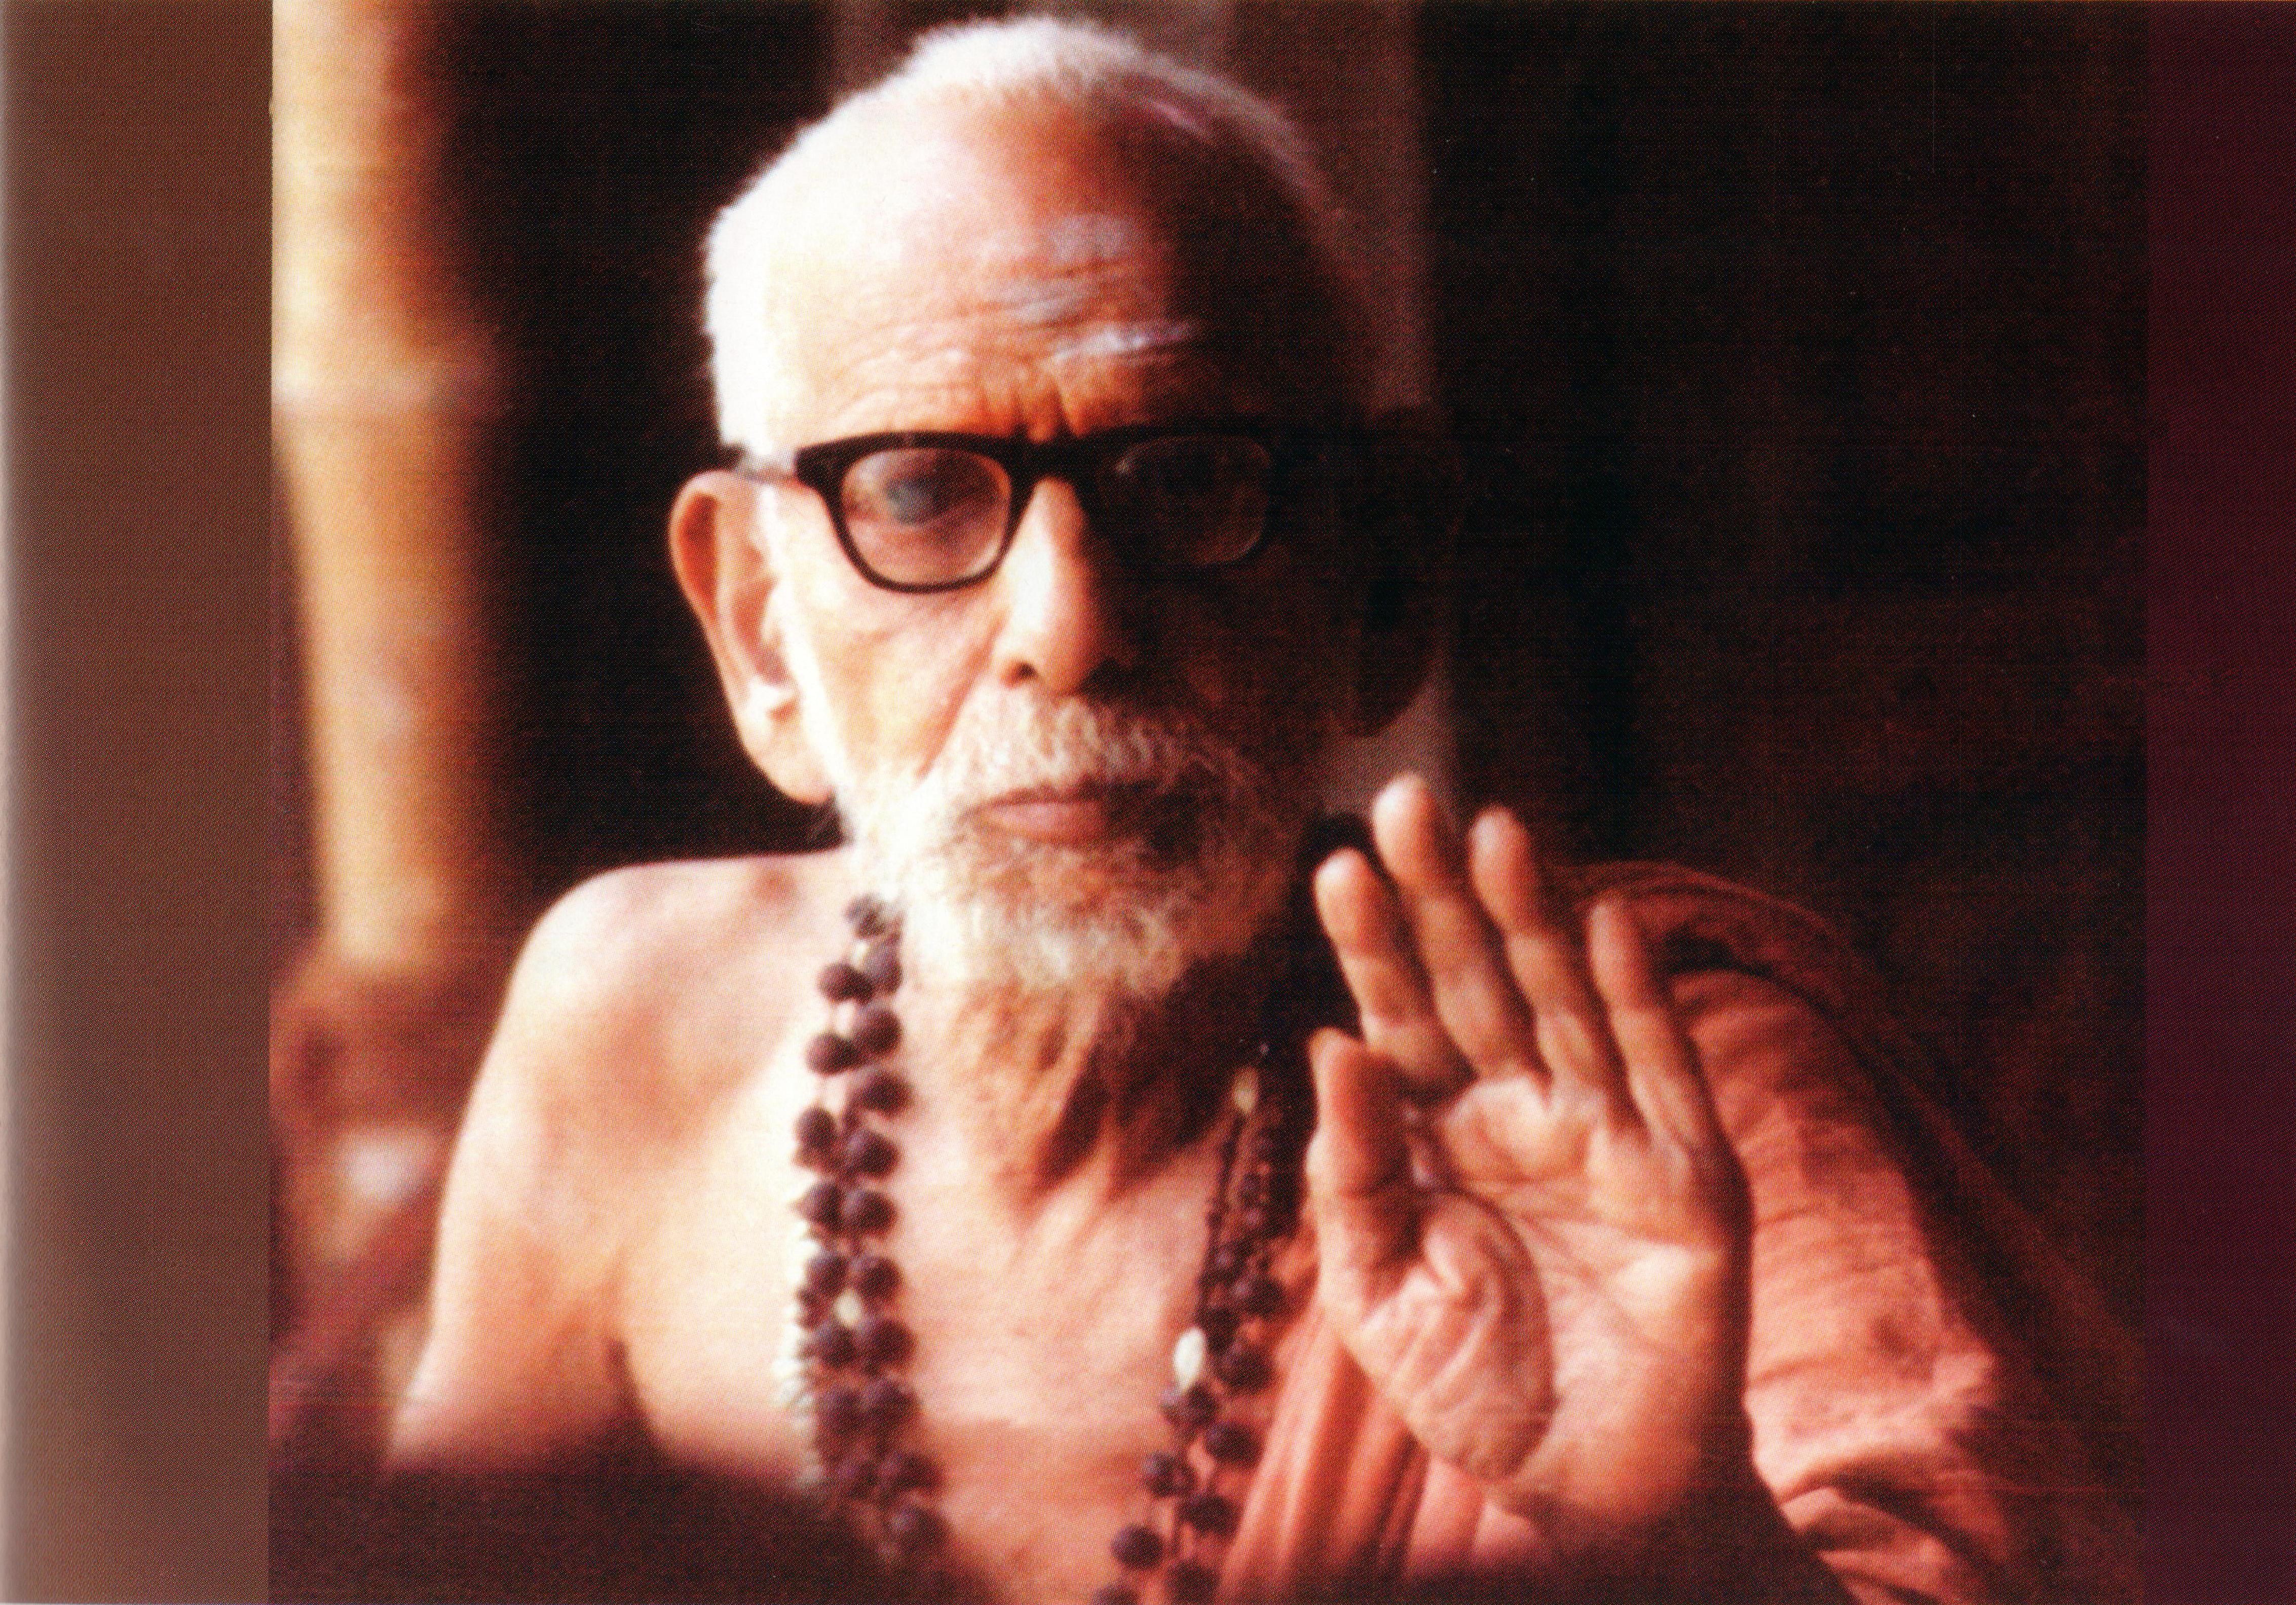 வேத வாக்குரைத்தாய் குருவே சங்கரா !